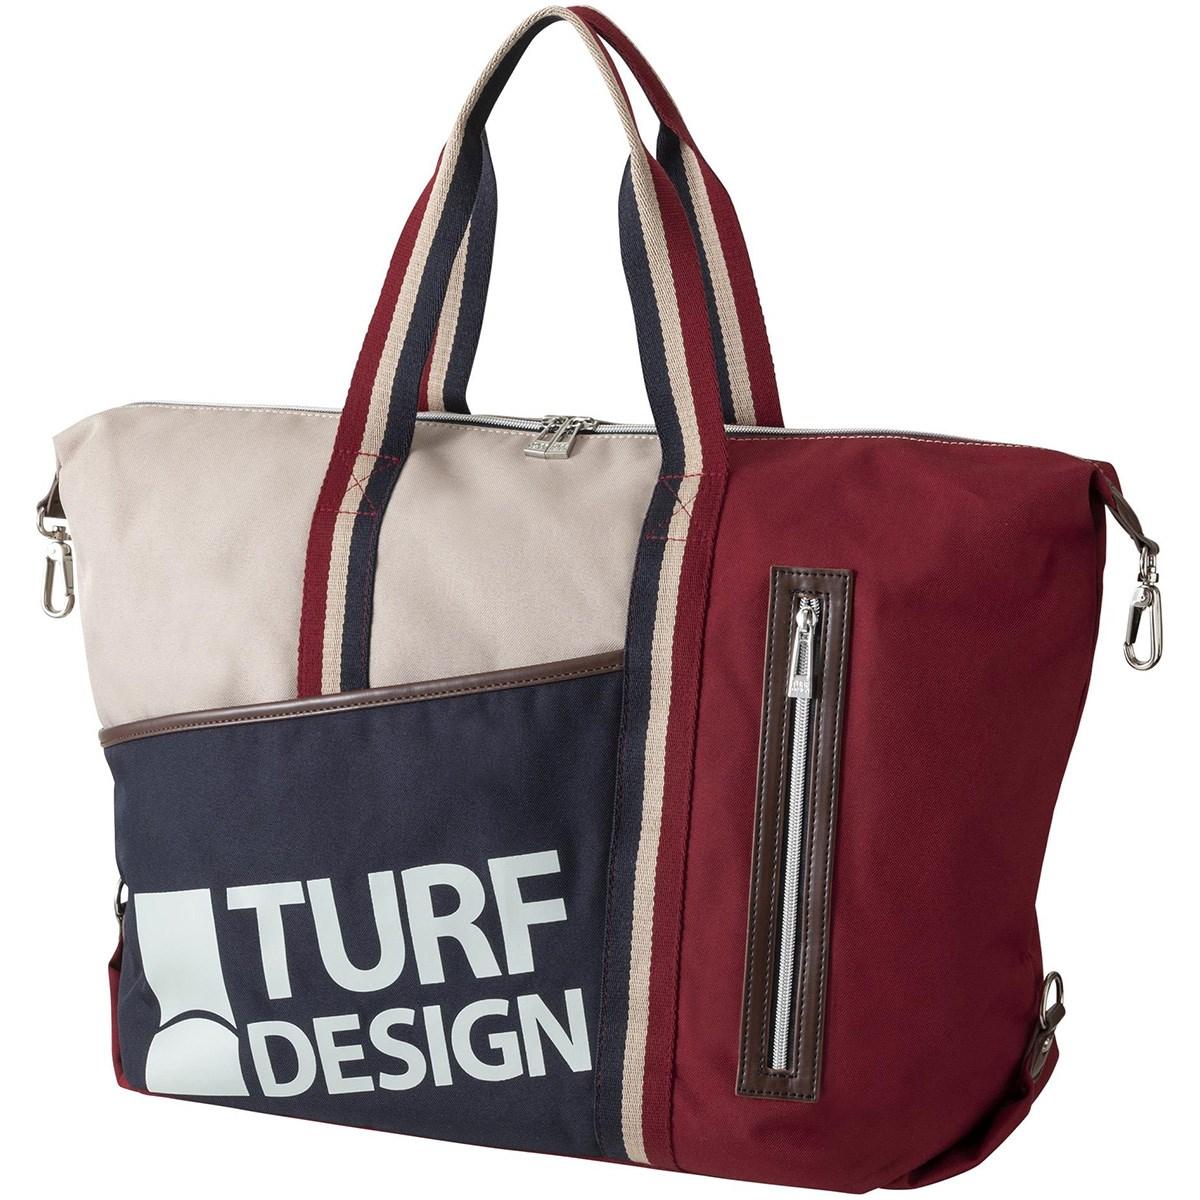 ターフデザイン トートバッグ レッド メンズ ゴルフ